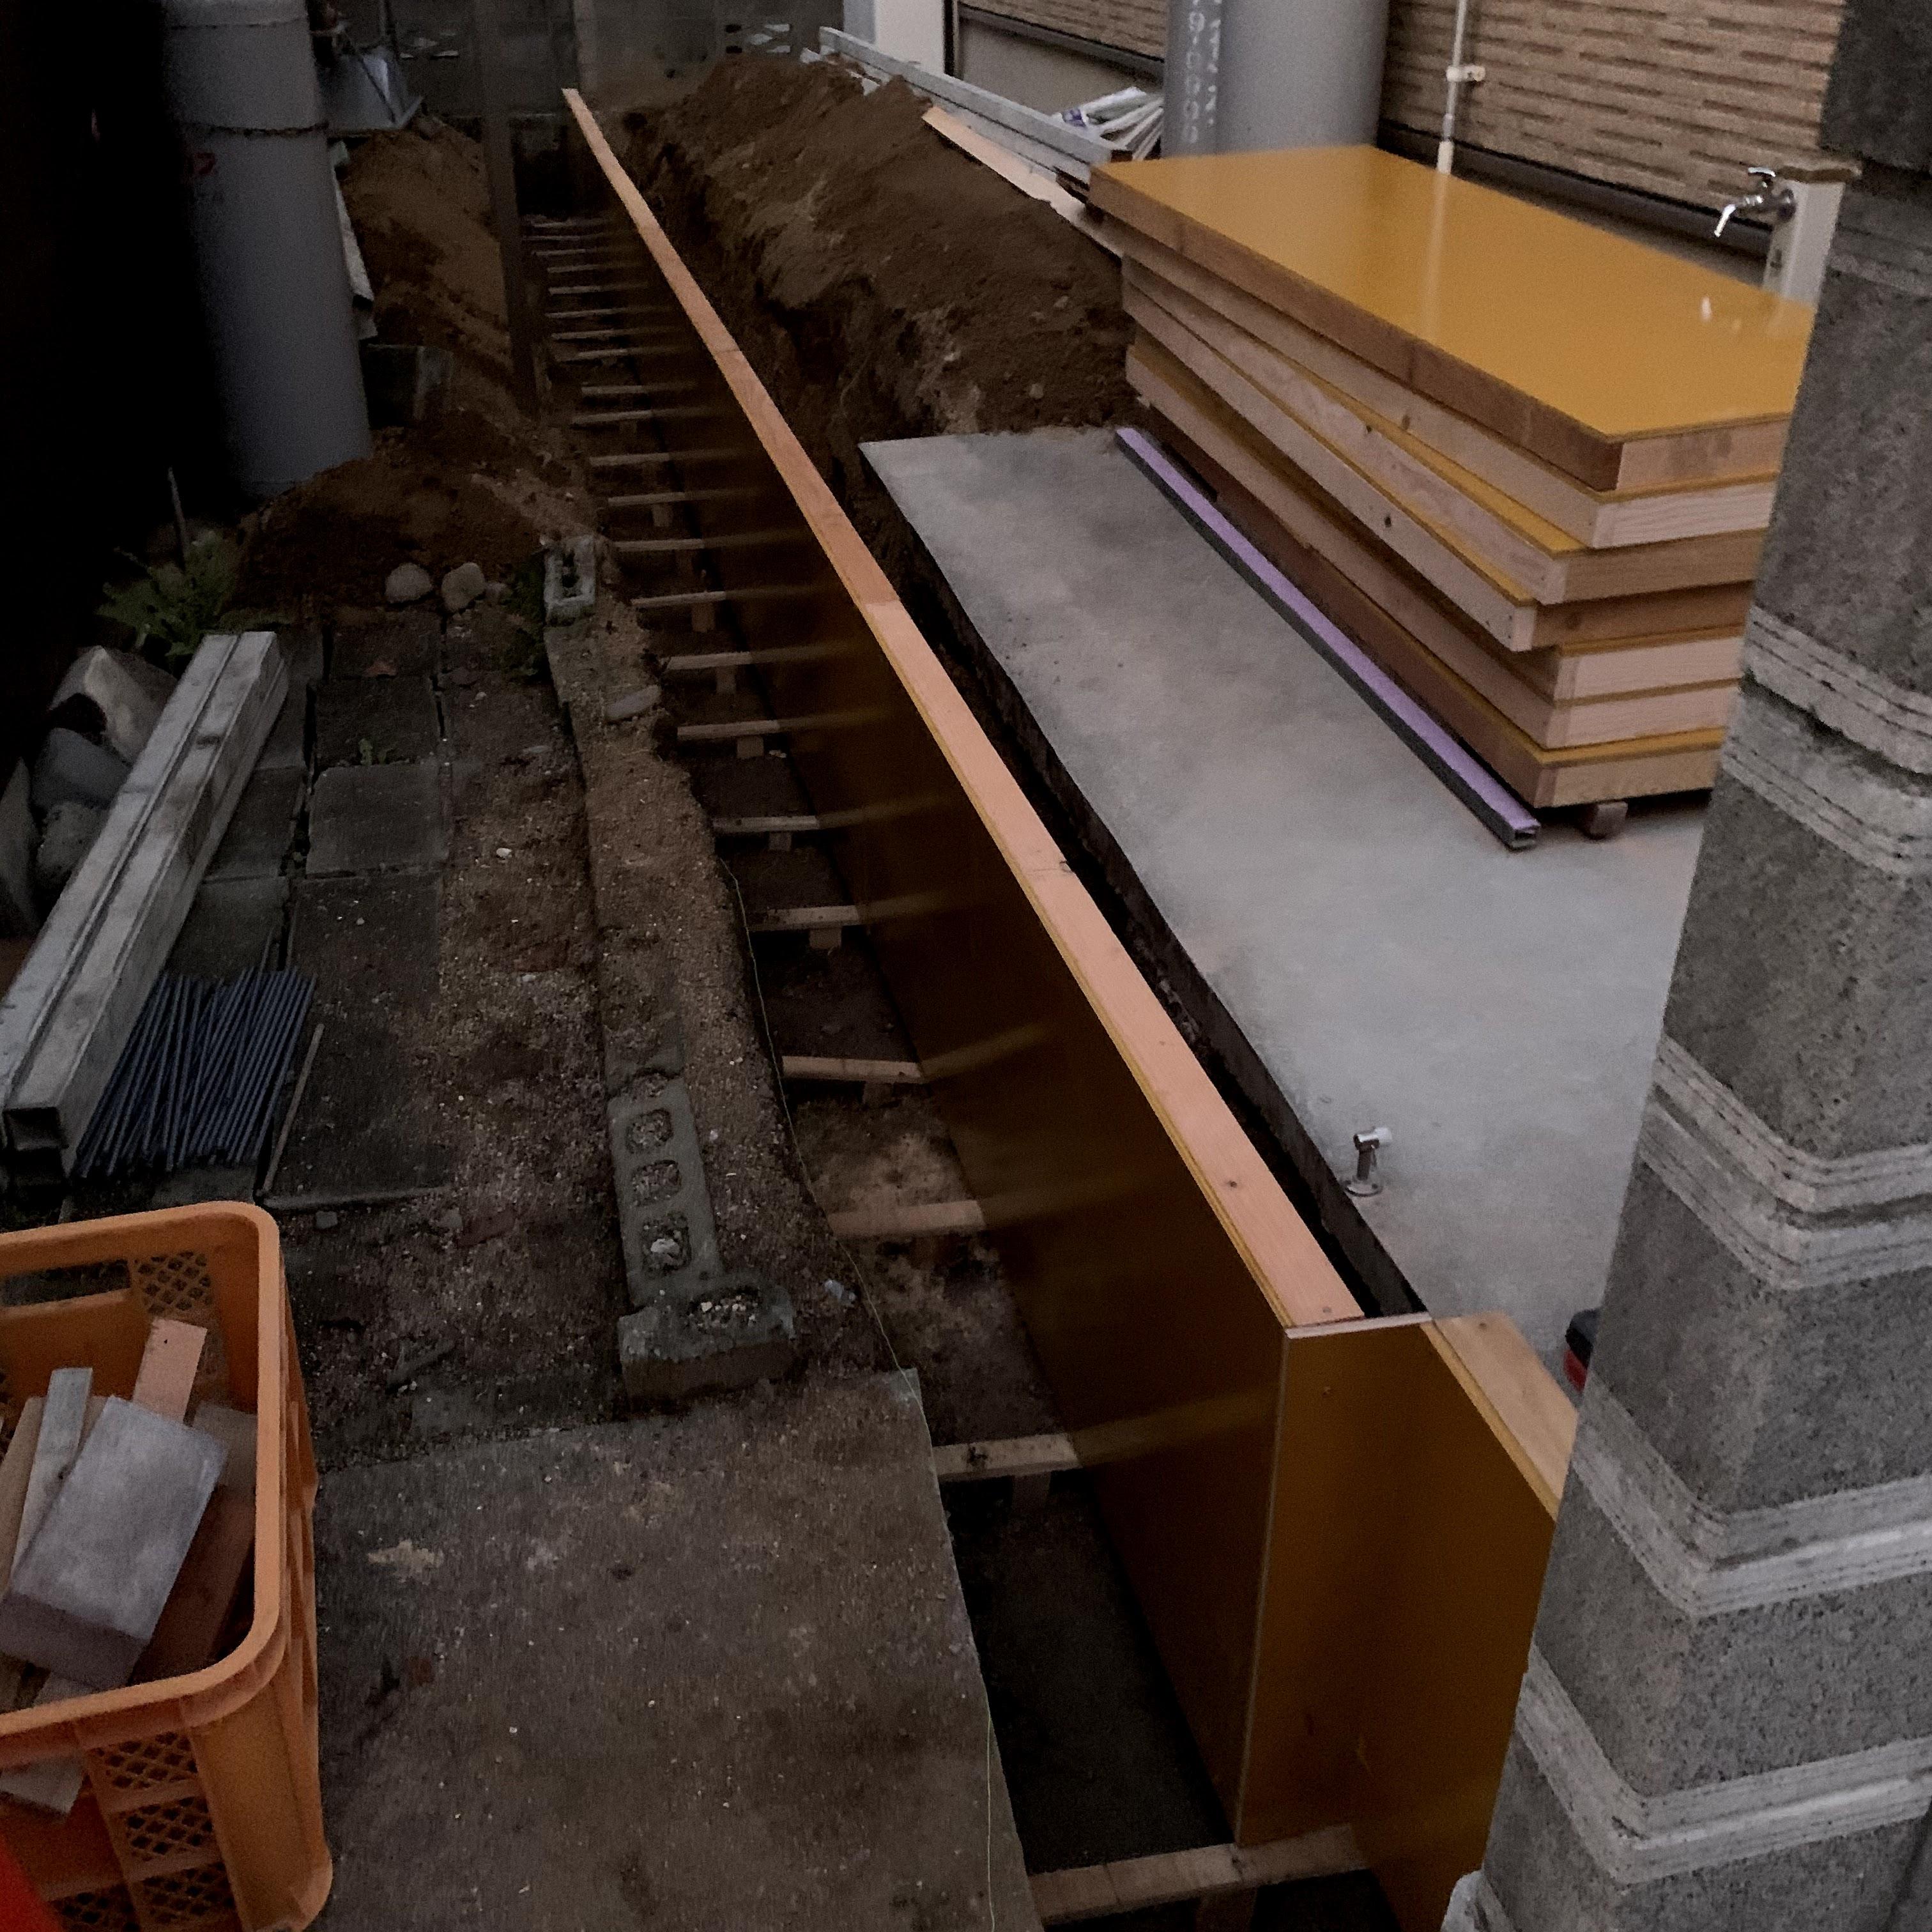 Thumbnail: 基礎/コンクリート擁壁[1mあたり]